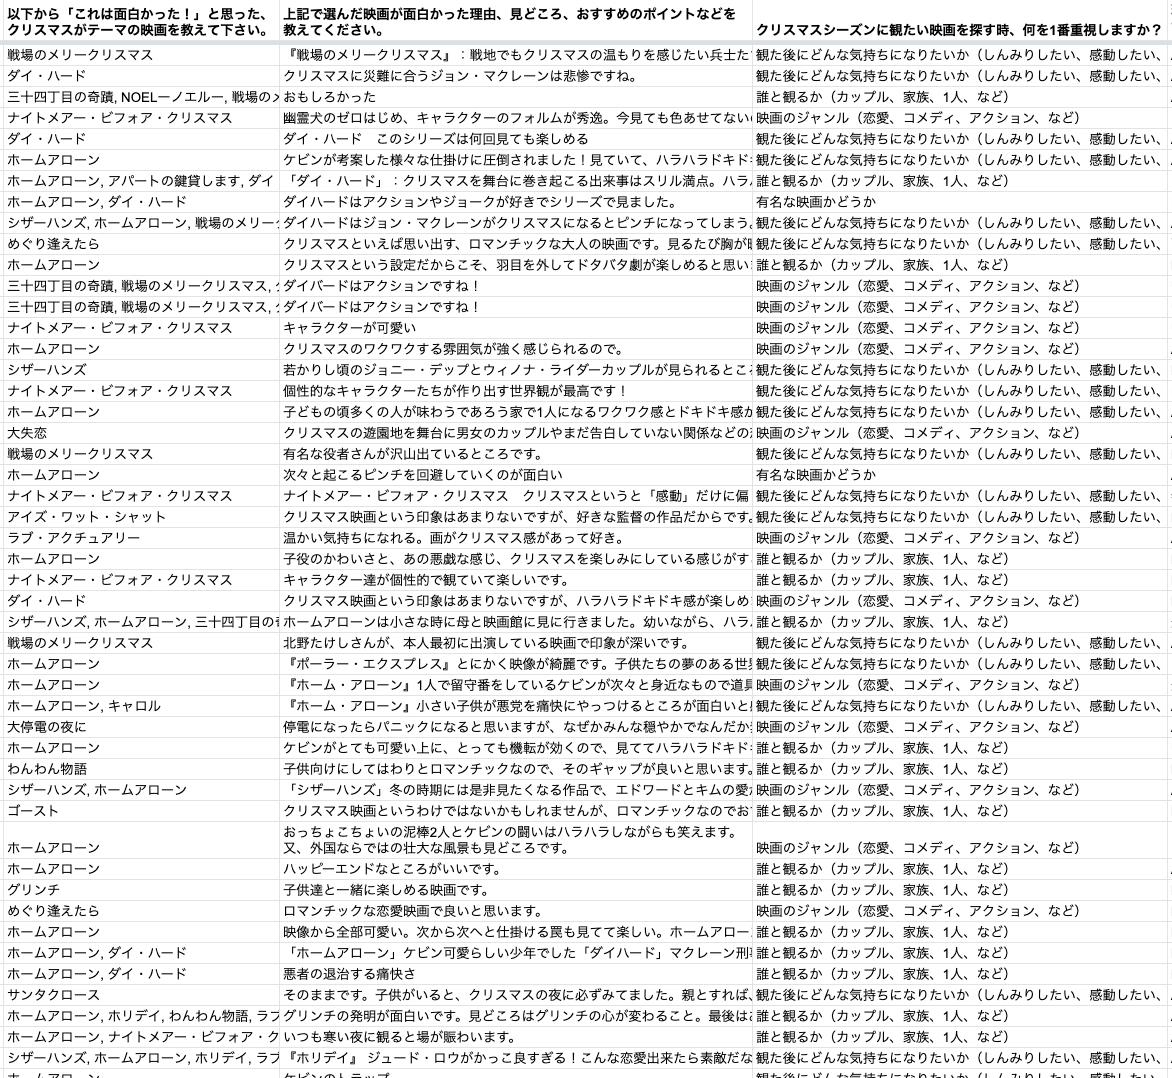 クリスマス映画のアンケート結果